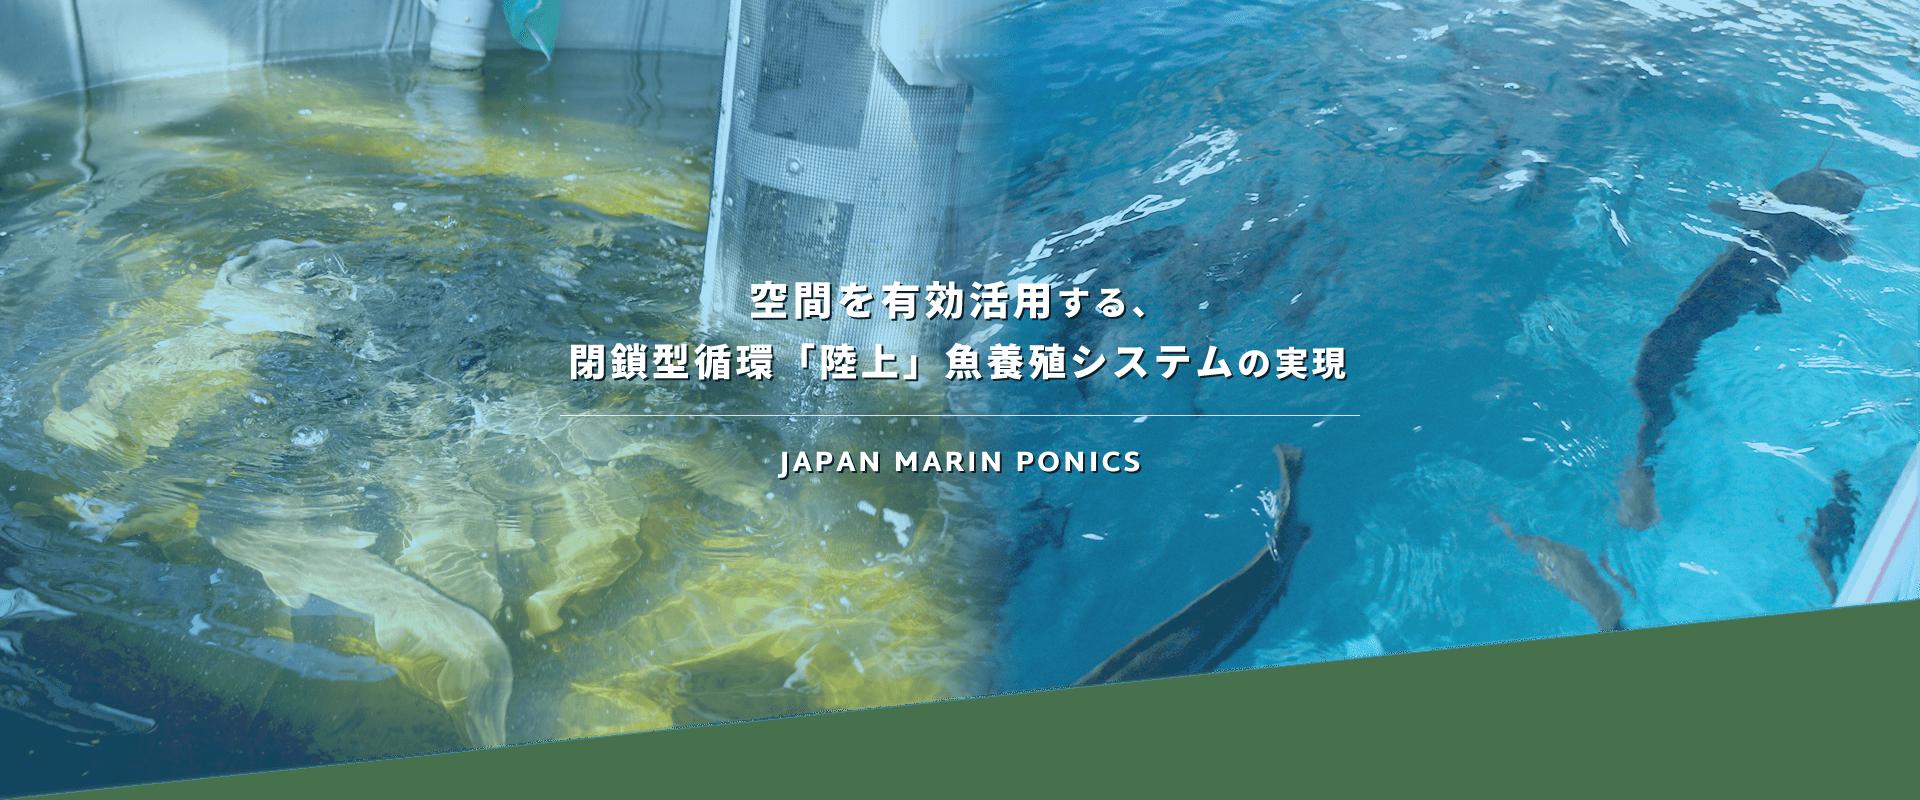 空間を有効活用する閉鎖型循環「陸上」魚養殖システムの実現